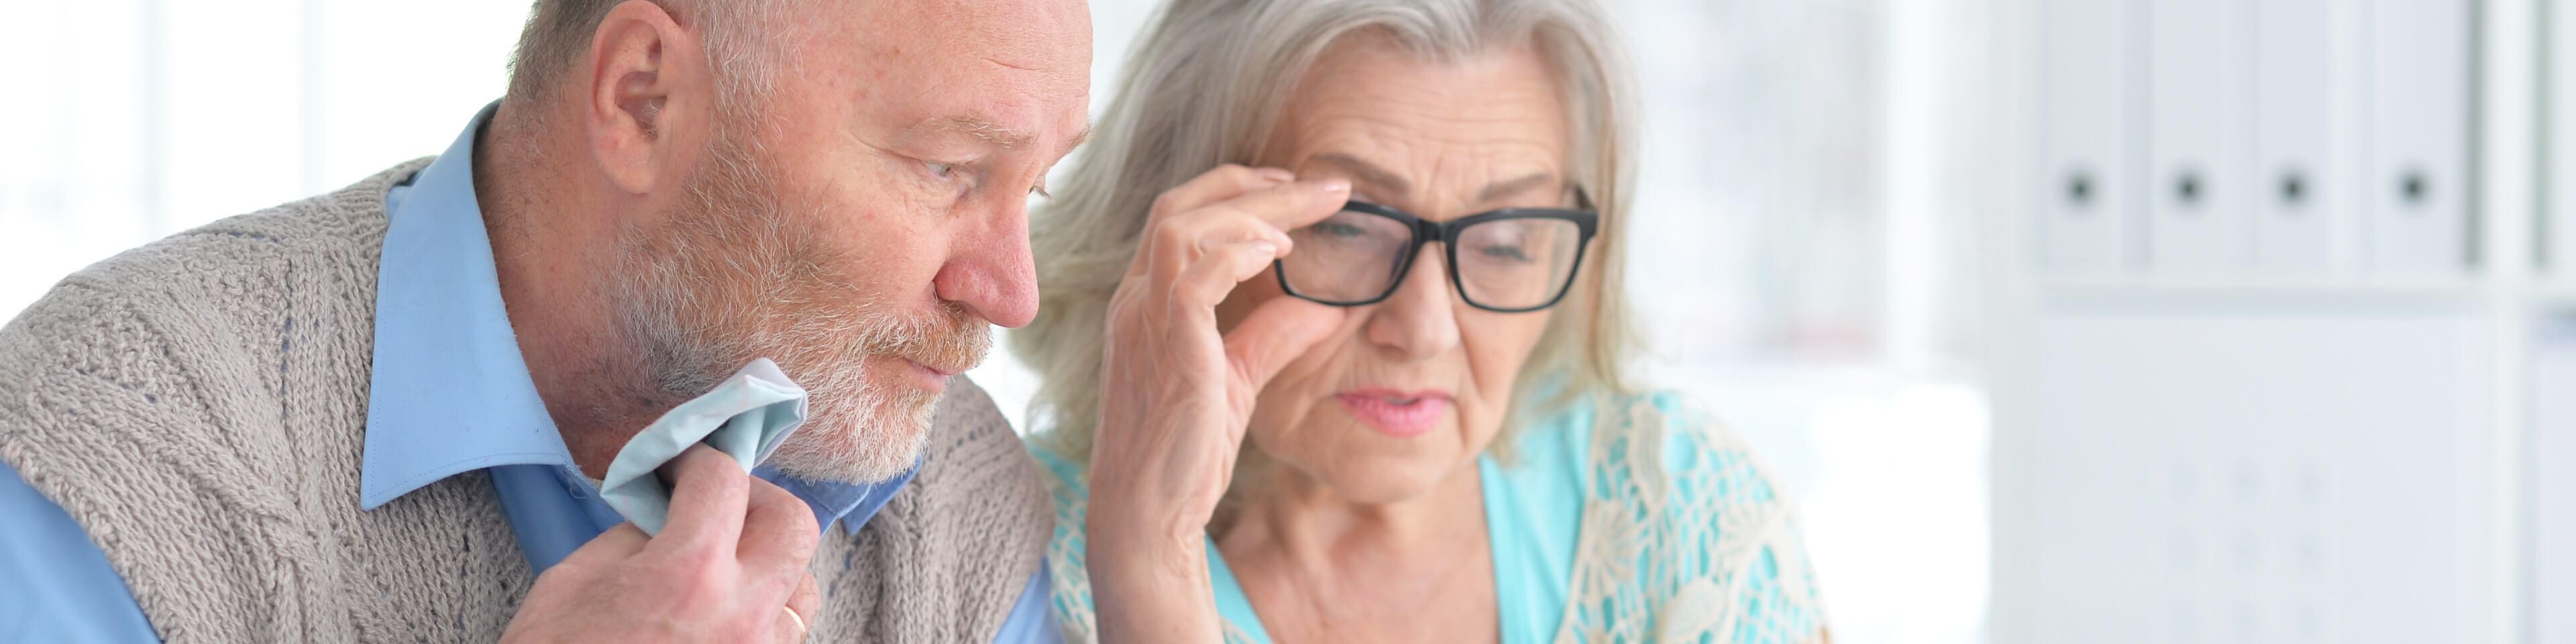 Senior couple reading prescription labels